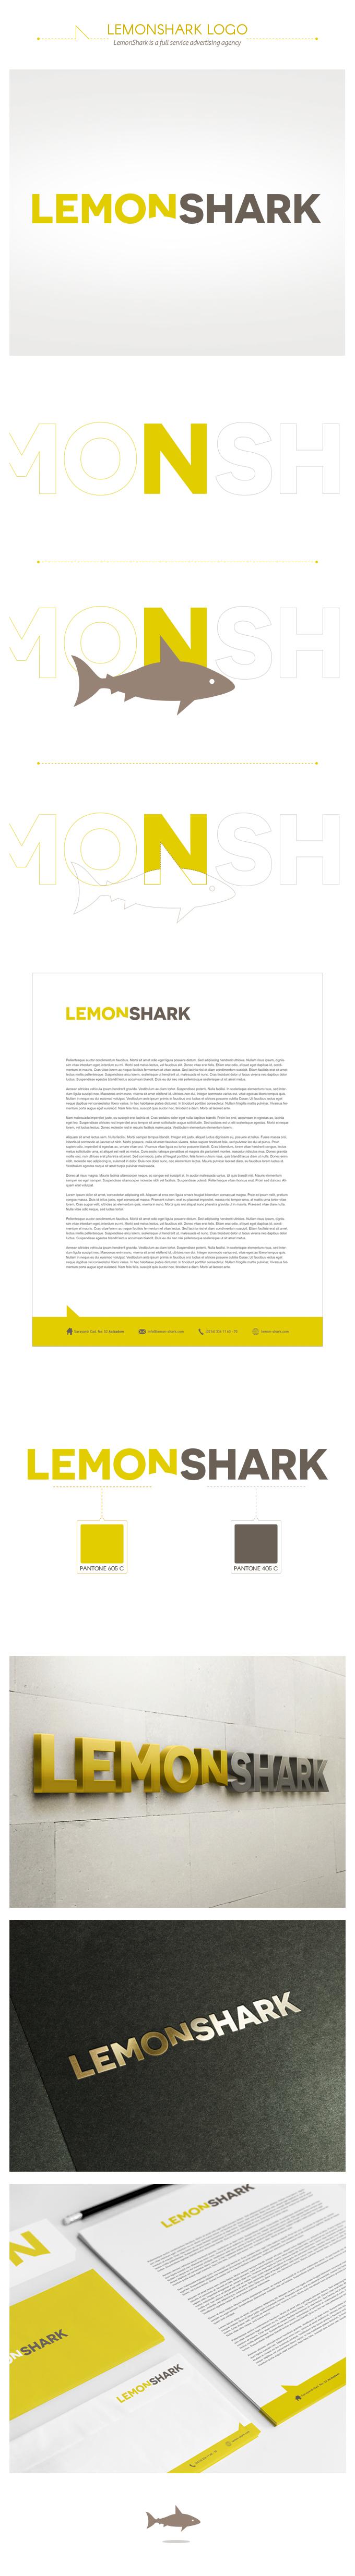 lemon shark logo brand identitiy agency